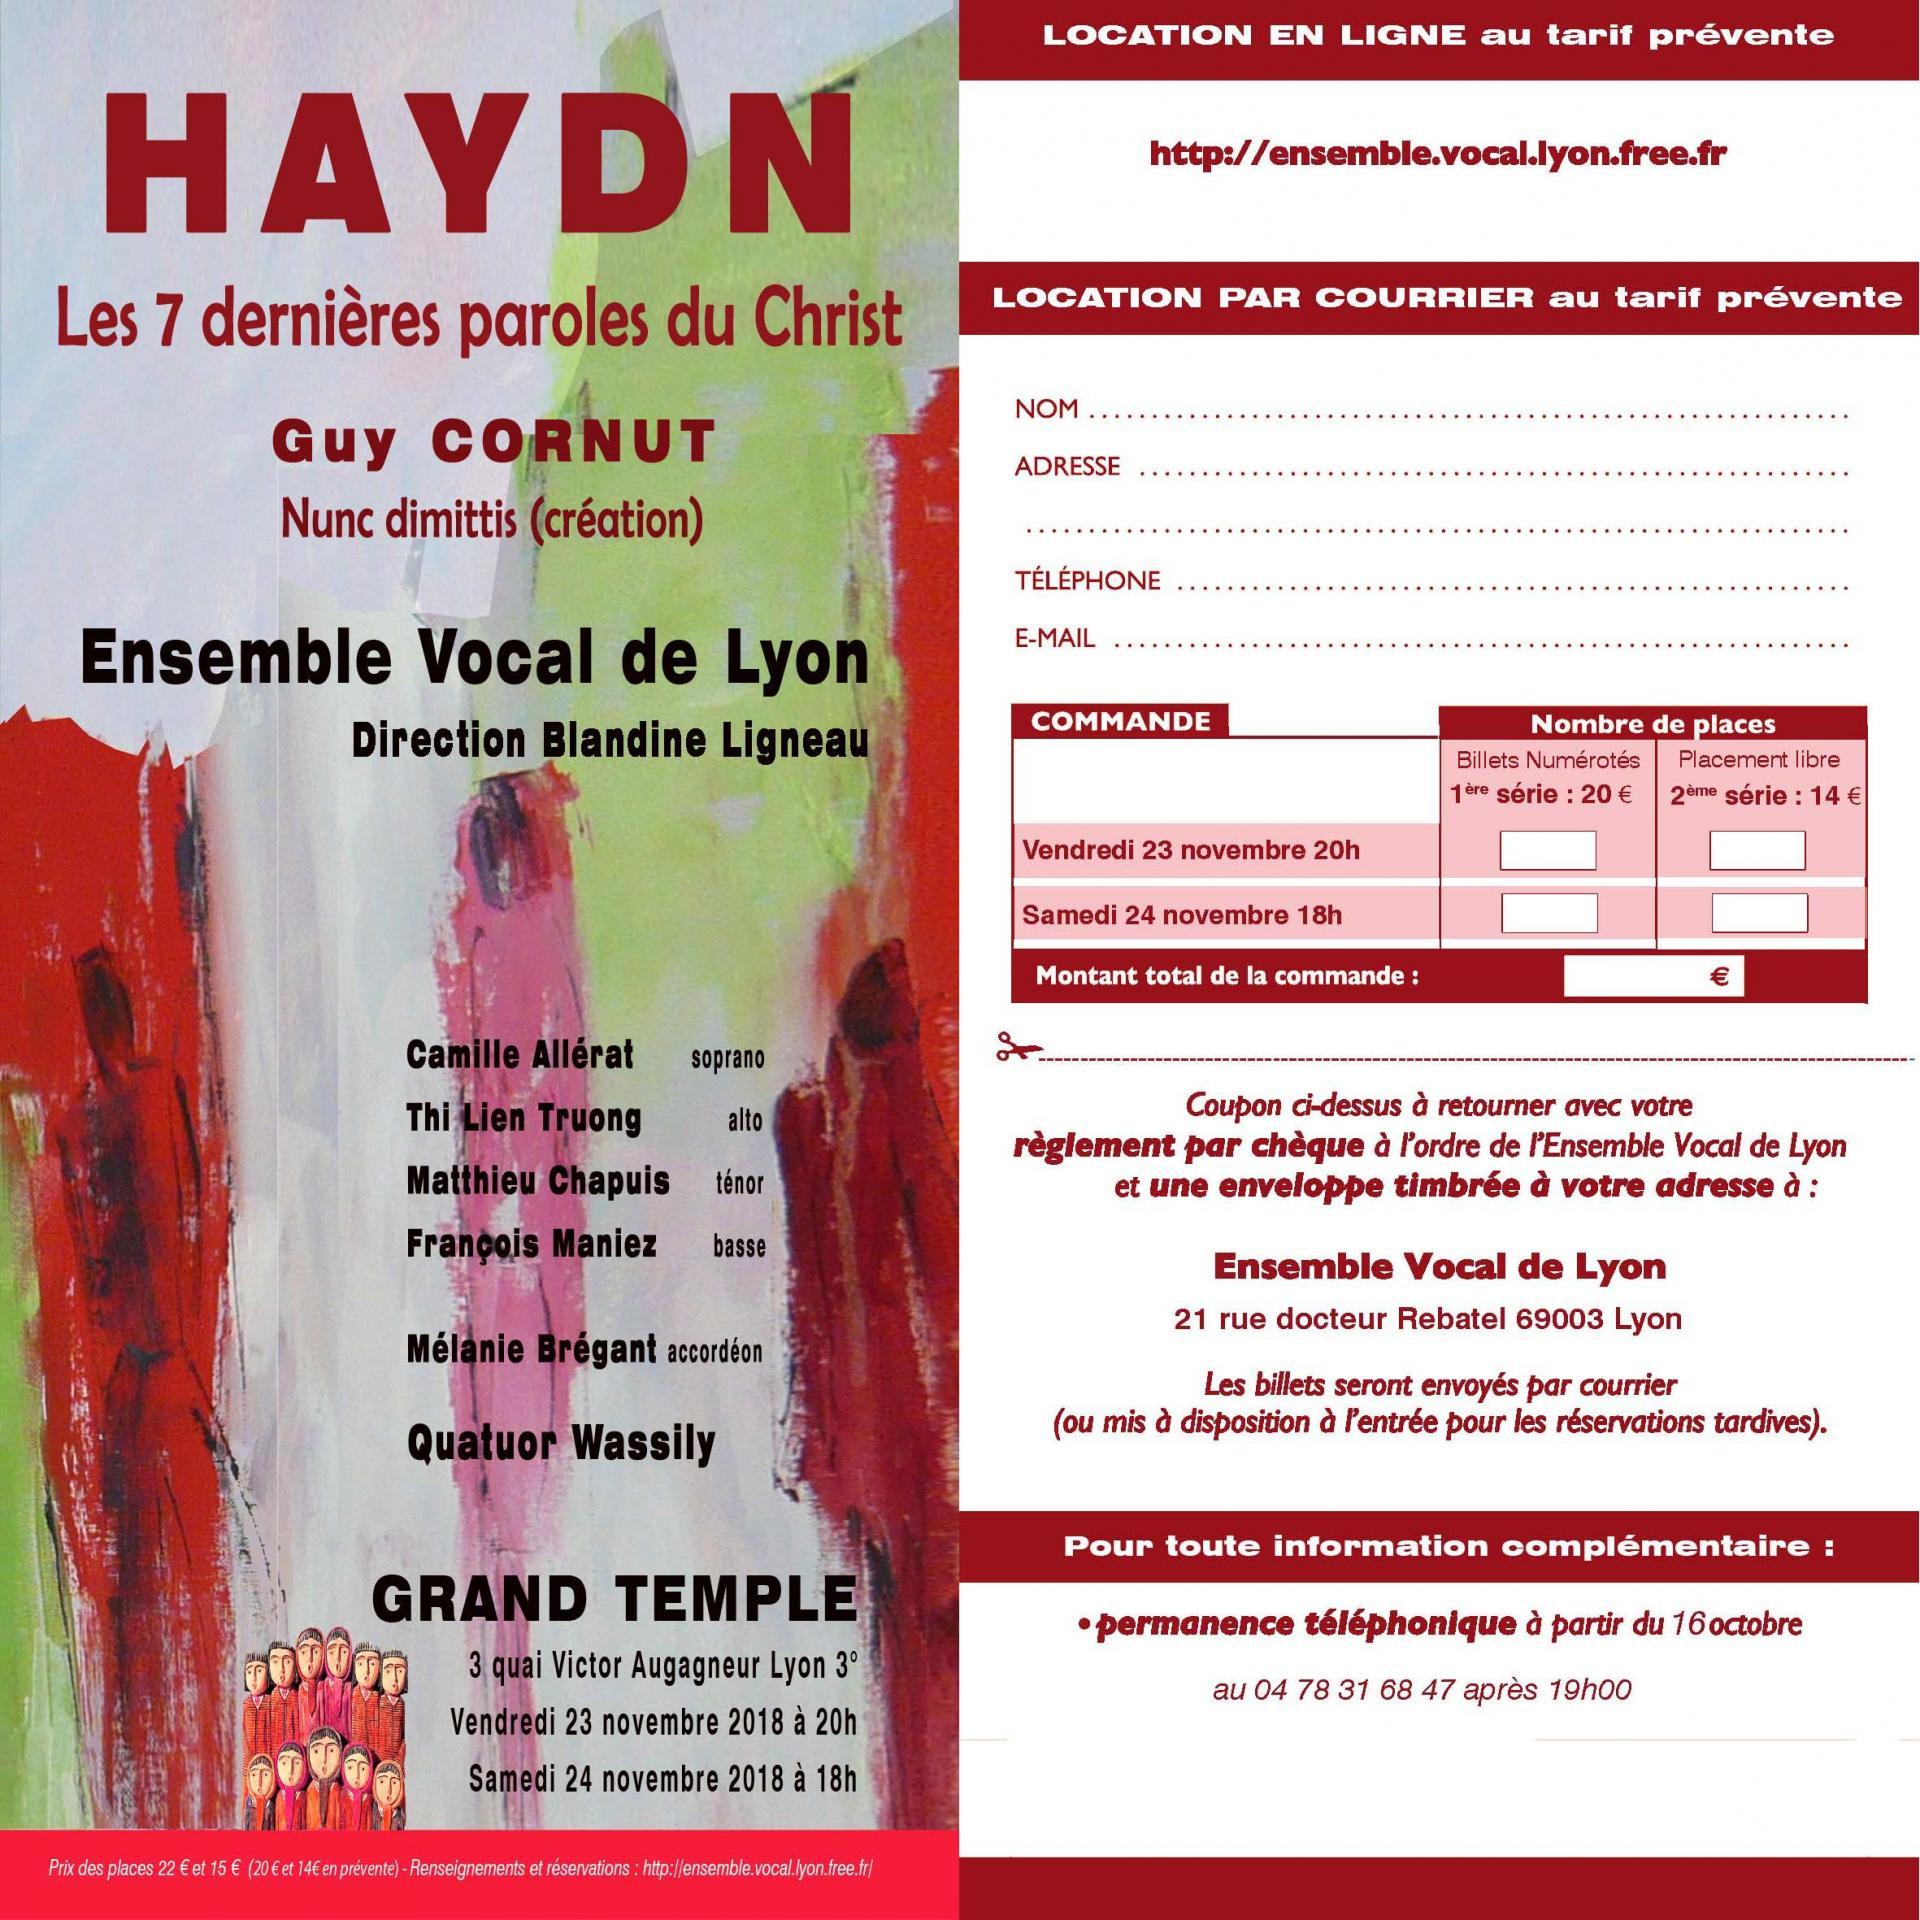 Flyer haydn recto verso